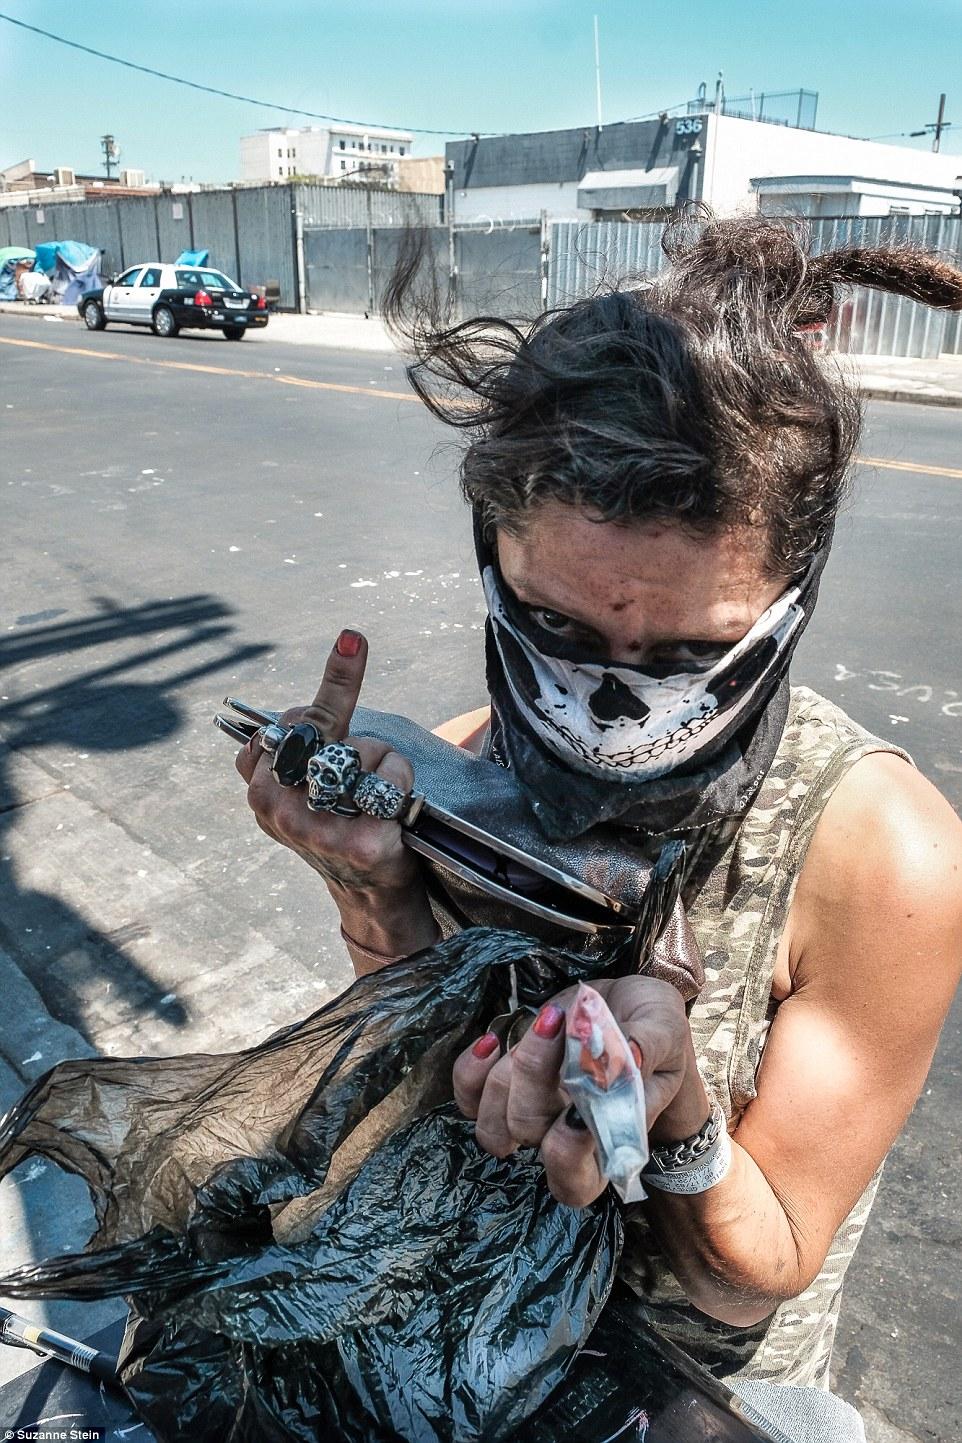 Американская мечта: фотопроект о бездомных и наркоманах Лос-Анджелеса (12 фото)